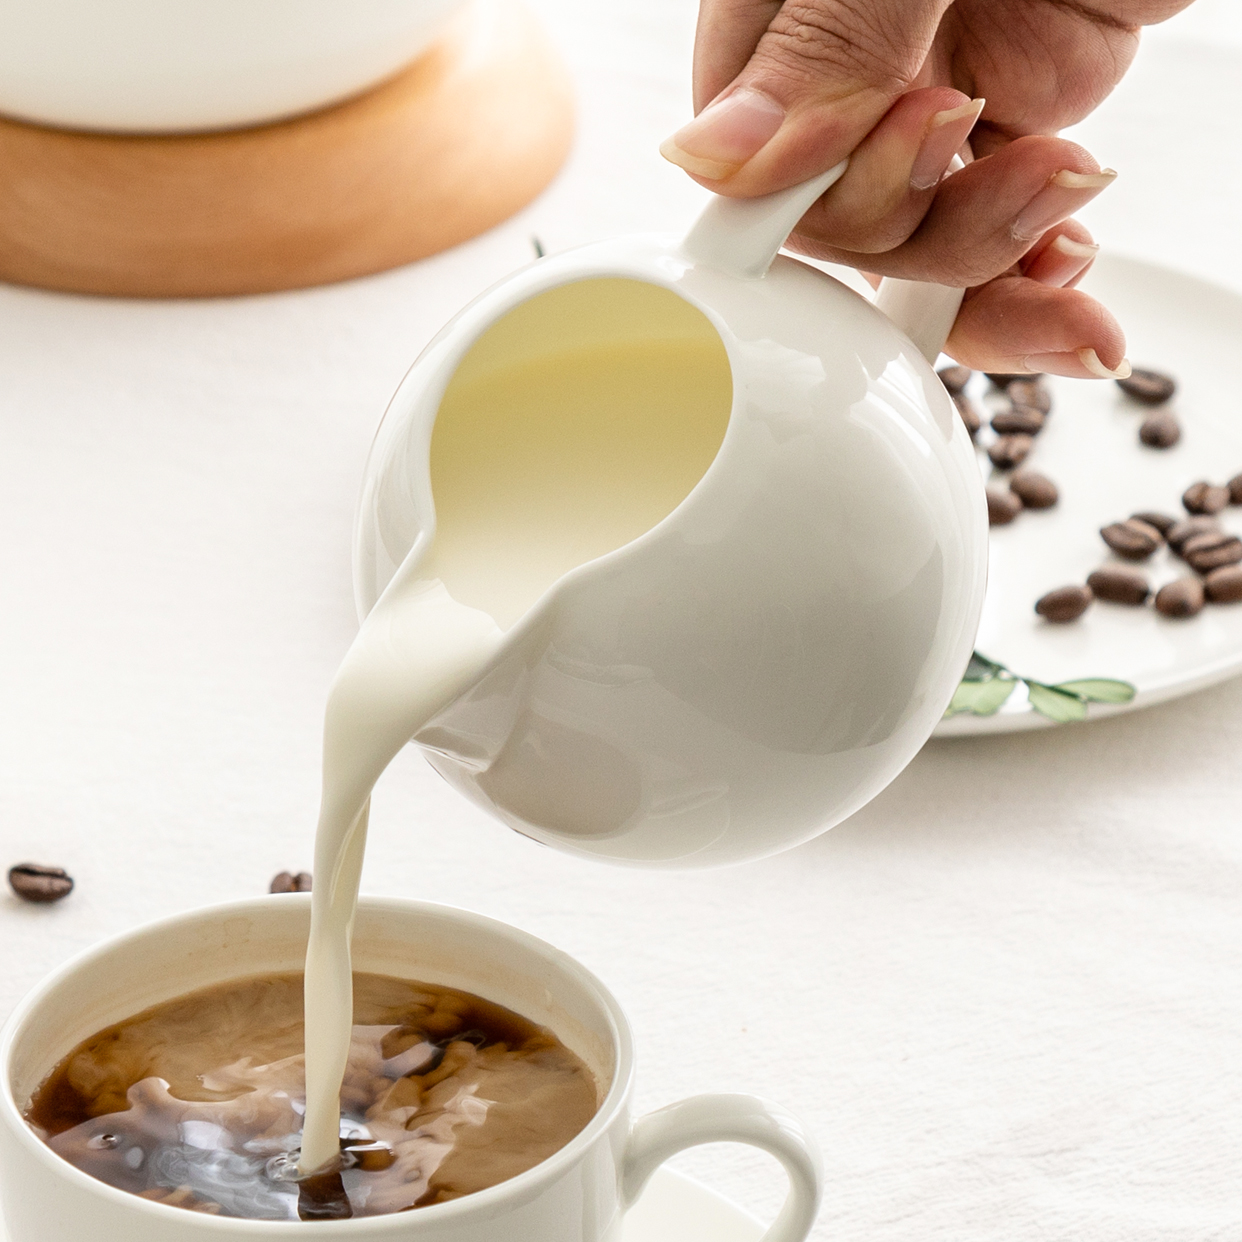 骨瓷英式奶罐陶瓷奶缸咖啡加奶杯迷你奶盅家用西式蜜蜂杯配套器具